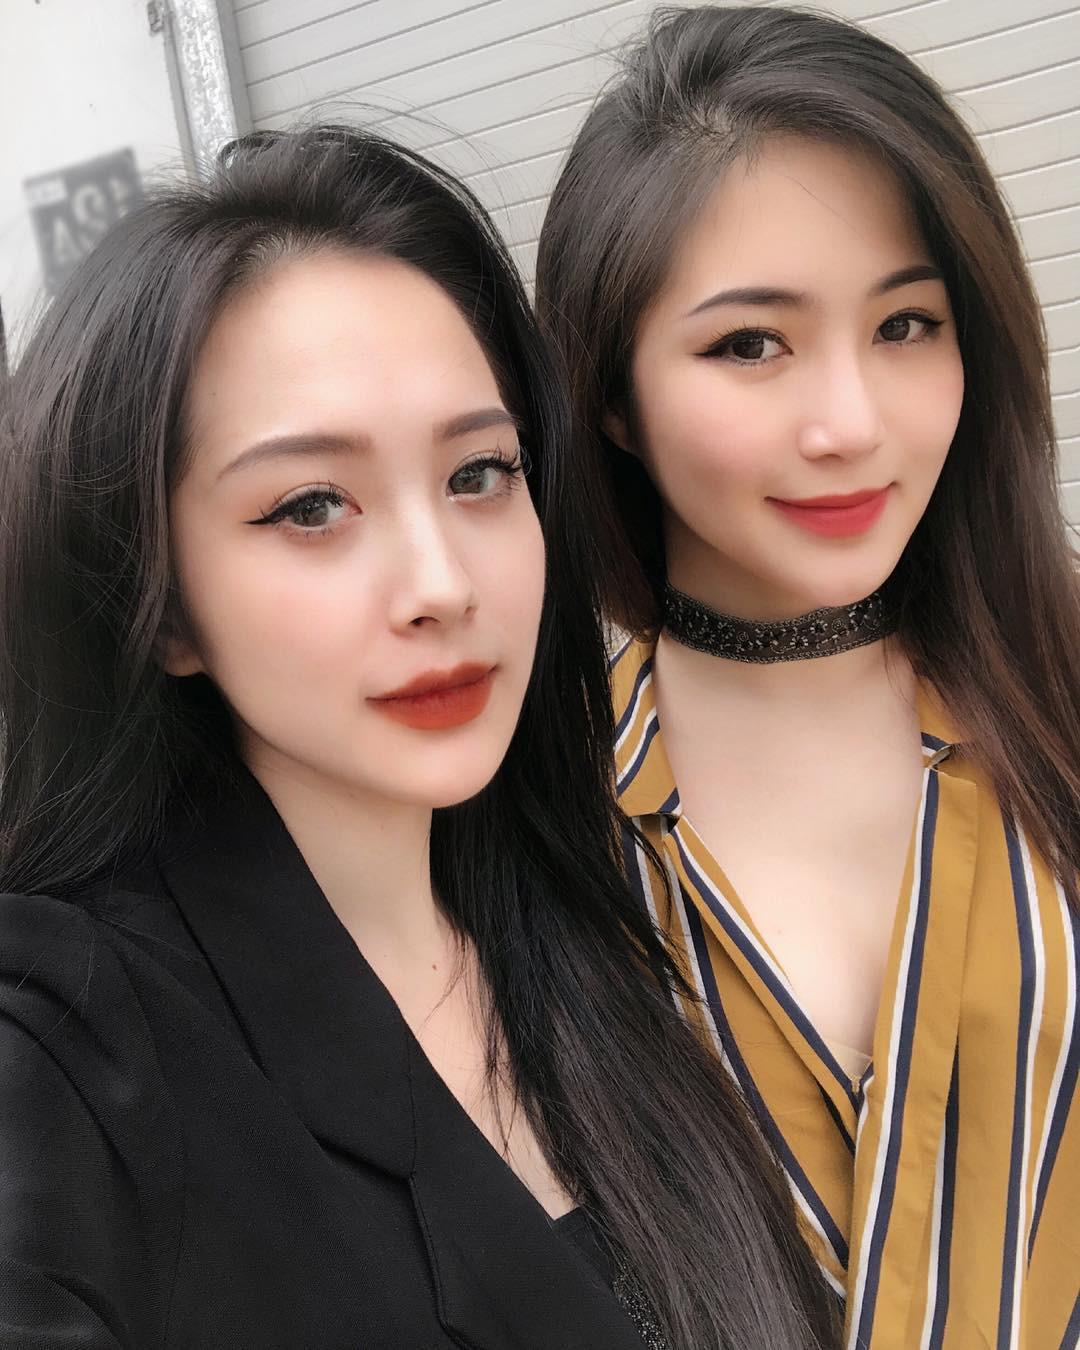 2 chị em Hương Tràm gây lú bởi đã xinh lên hình lại còn giống nhau! - Ảnh 5.